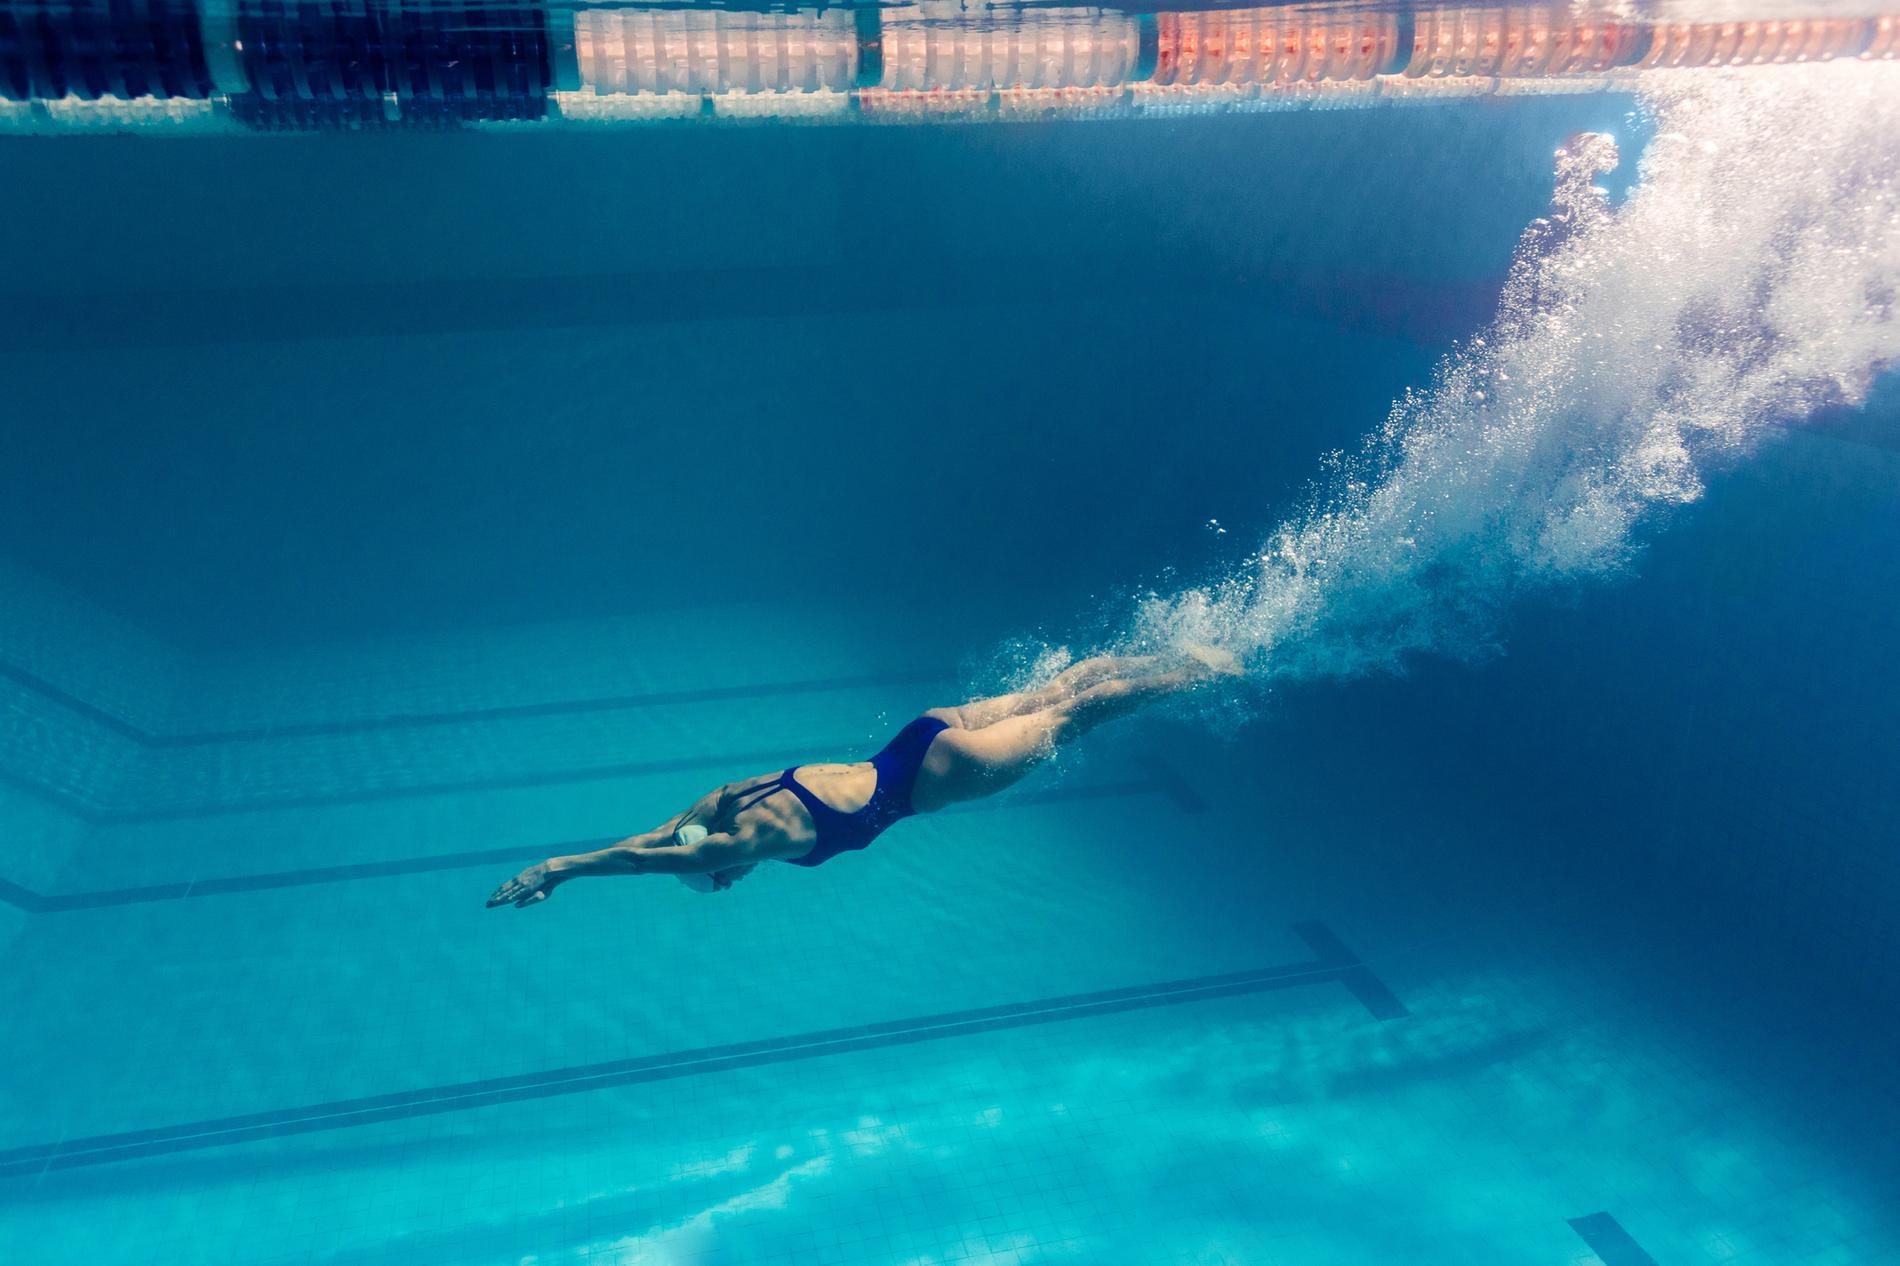 La natation, l'ultime sport pour un corps